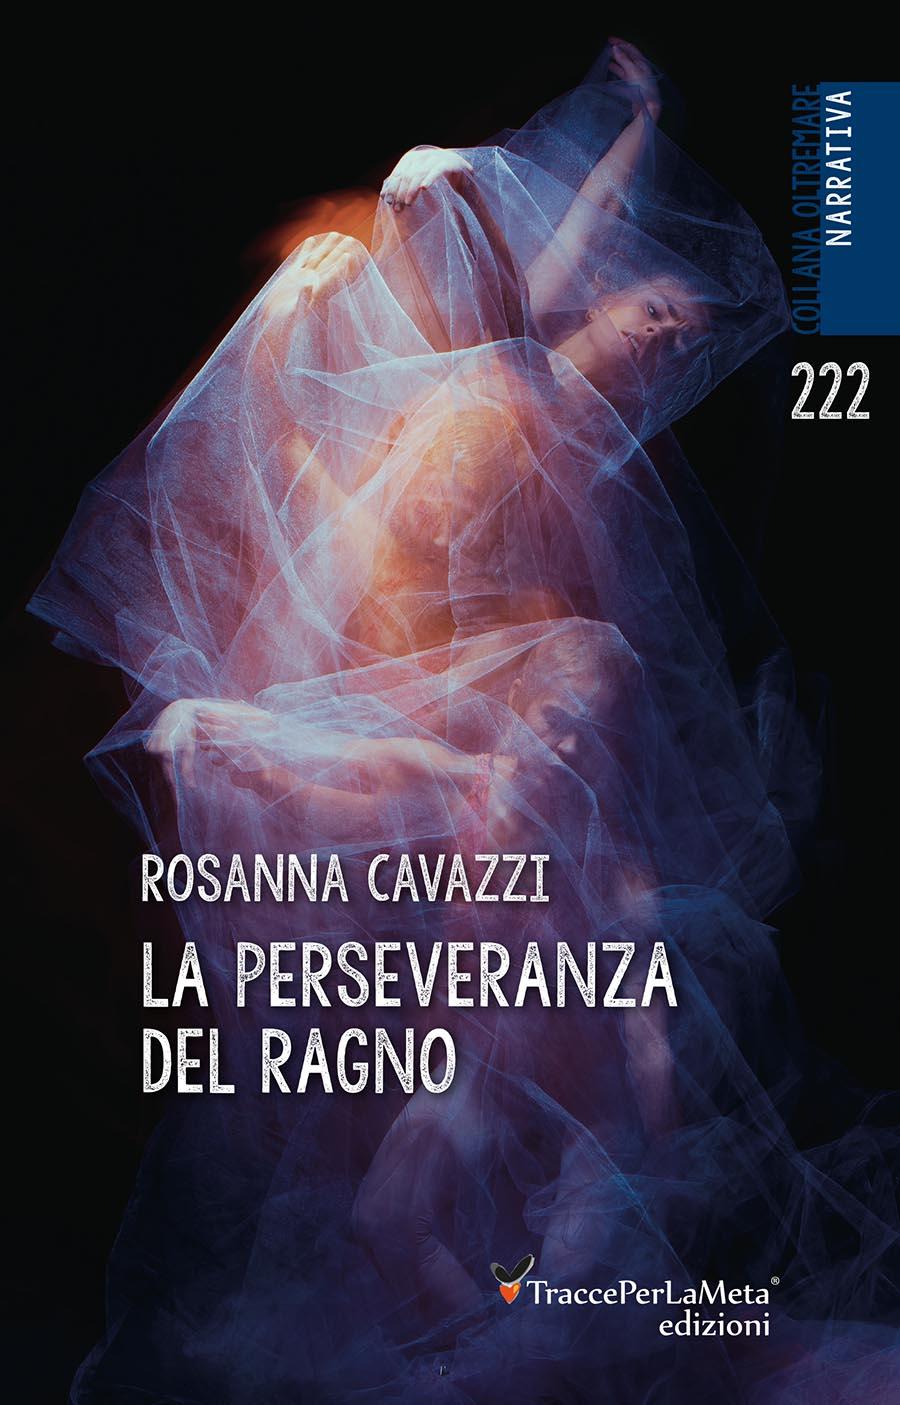 """Un omicidio atroce e una vicenda intricata e avvincente con due finali; esce """"La perseveranza del ragno"""" di Rosanna Cavazzi"""